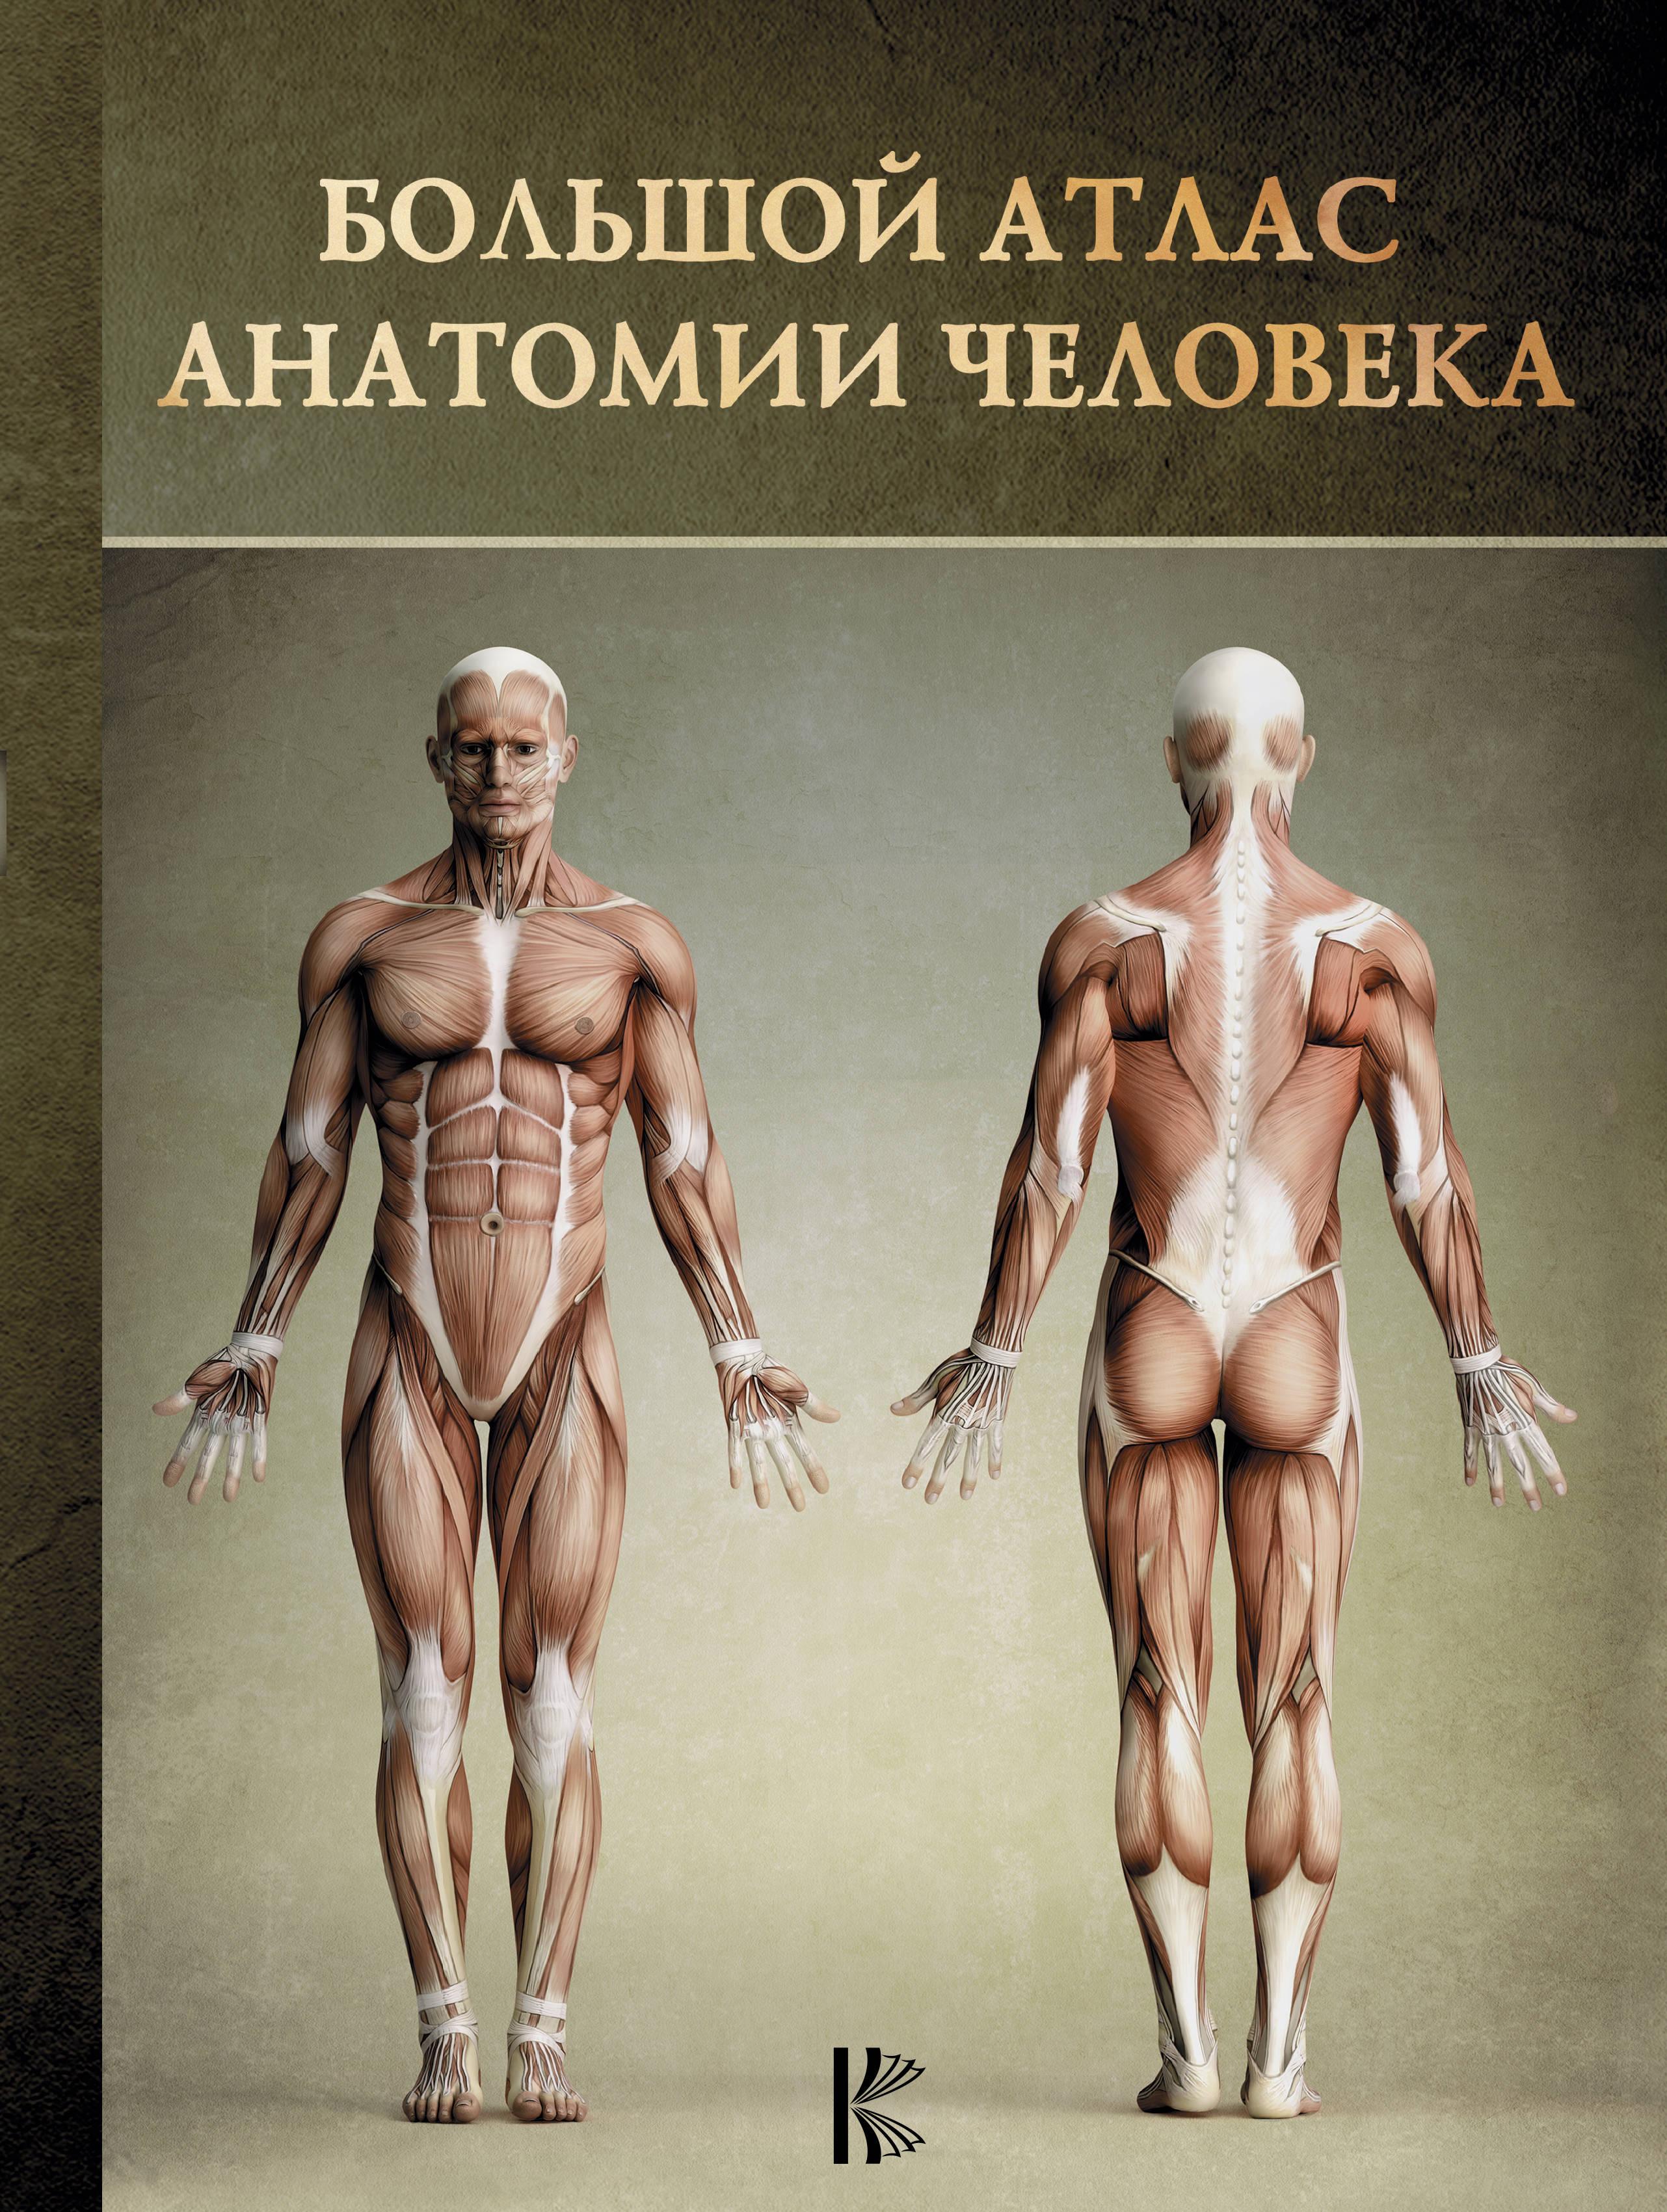 Перез В. Большой атлас анатомии человека анатомия человека русско латинский атлас